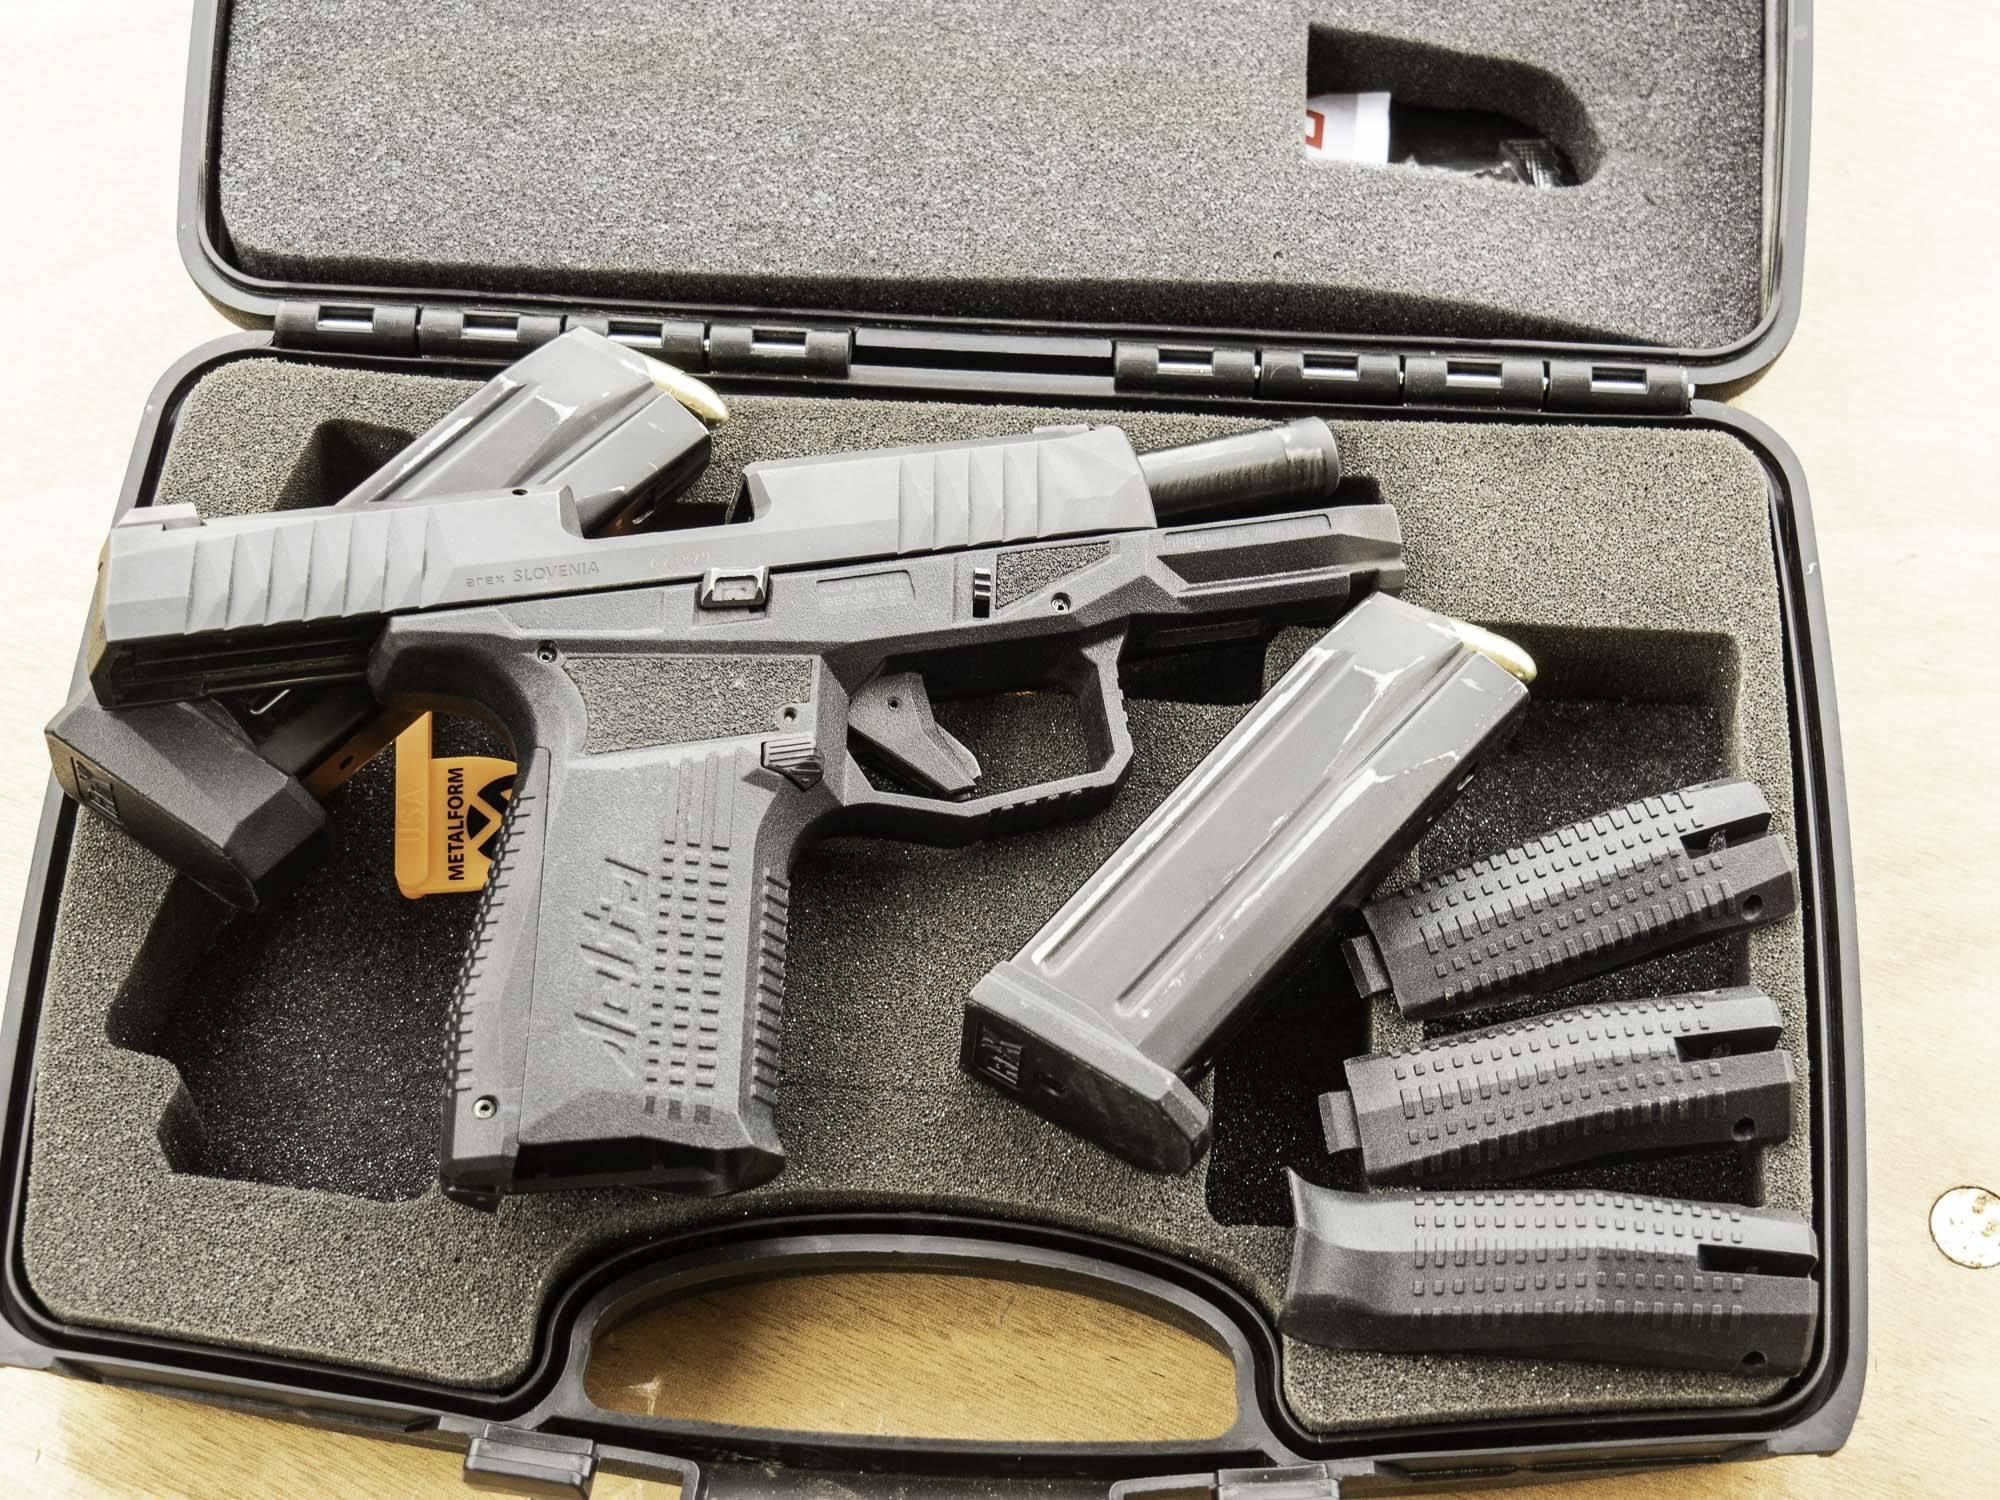 Pistolet arex modèle « rex delta » / calibre 9 mm parabellum